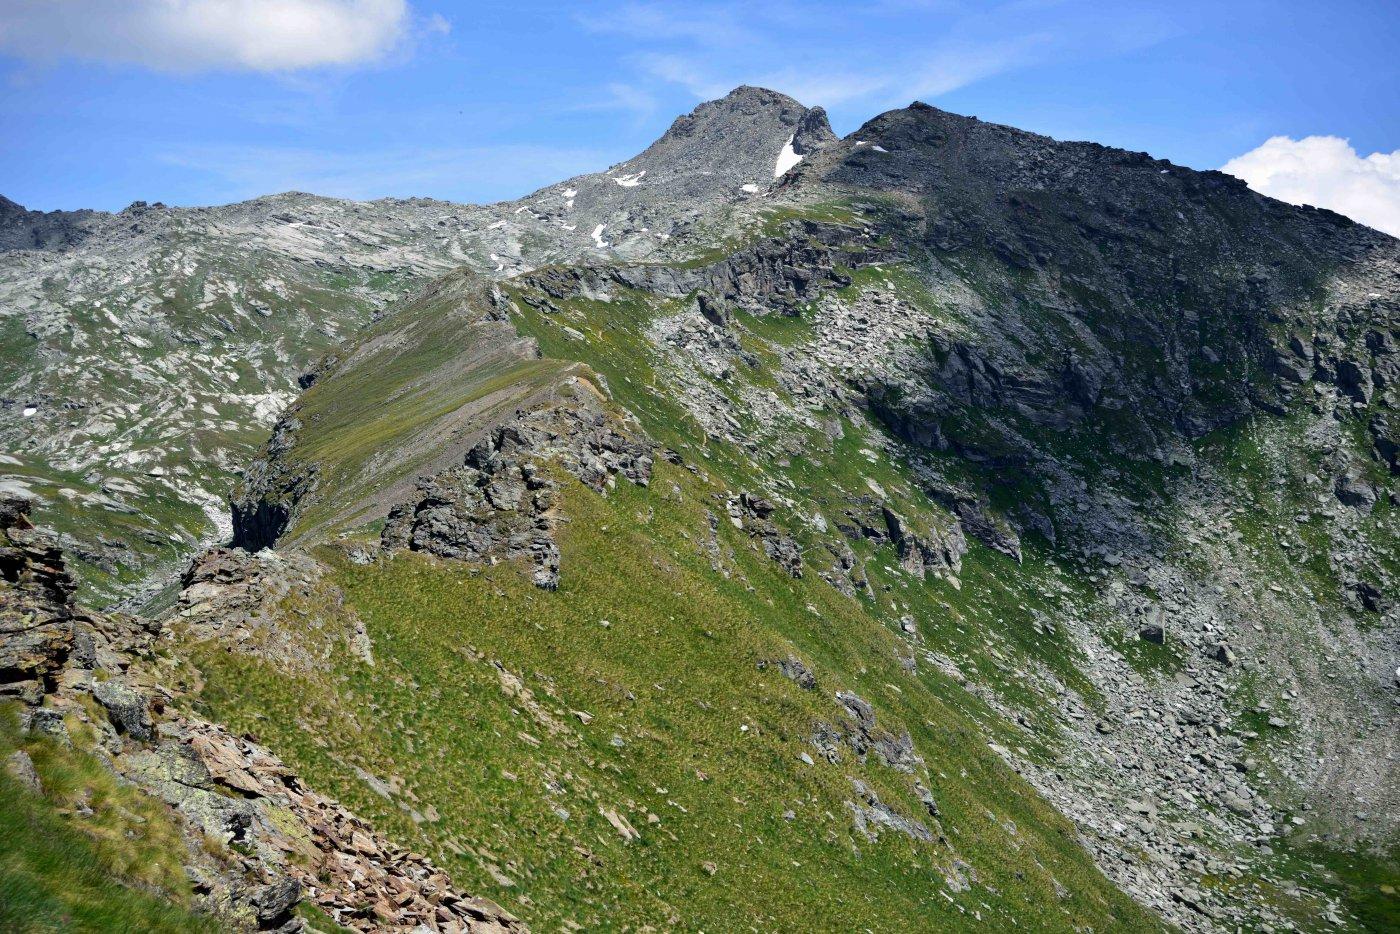 La cresta dal Corno Vitello alla Punta Palasina